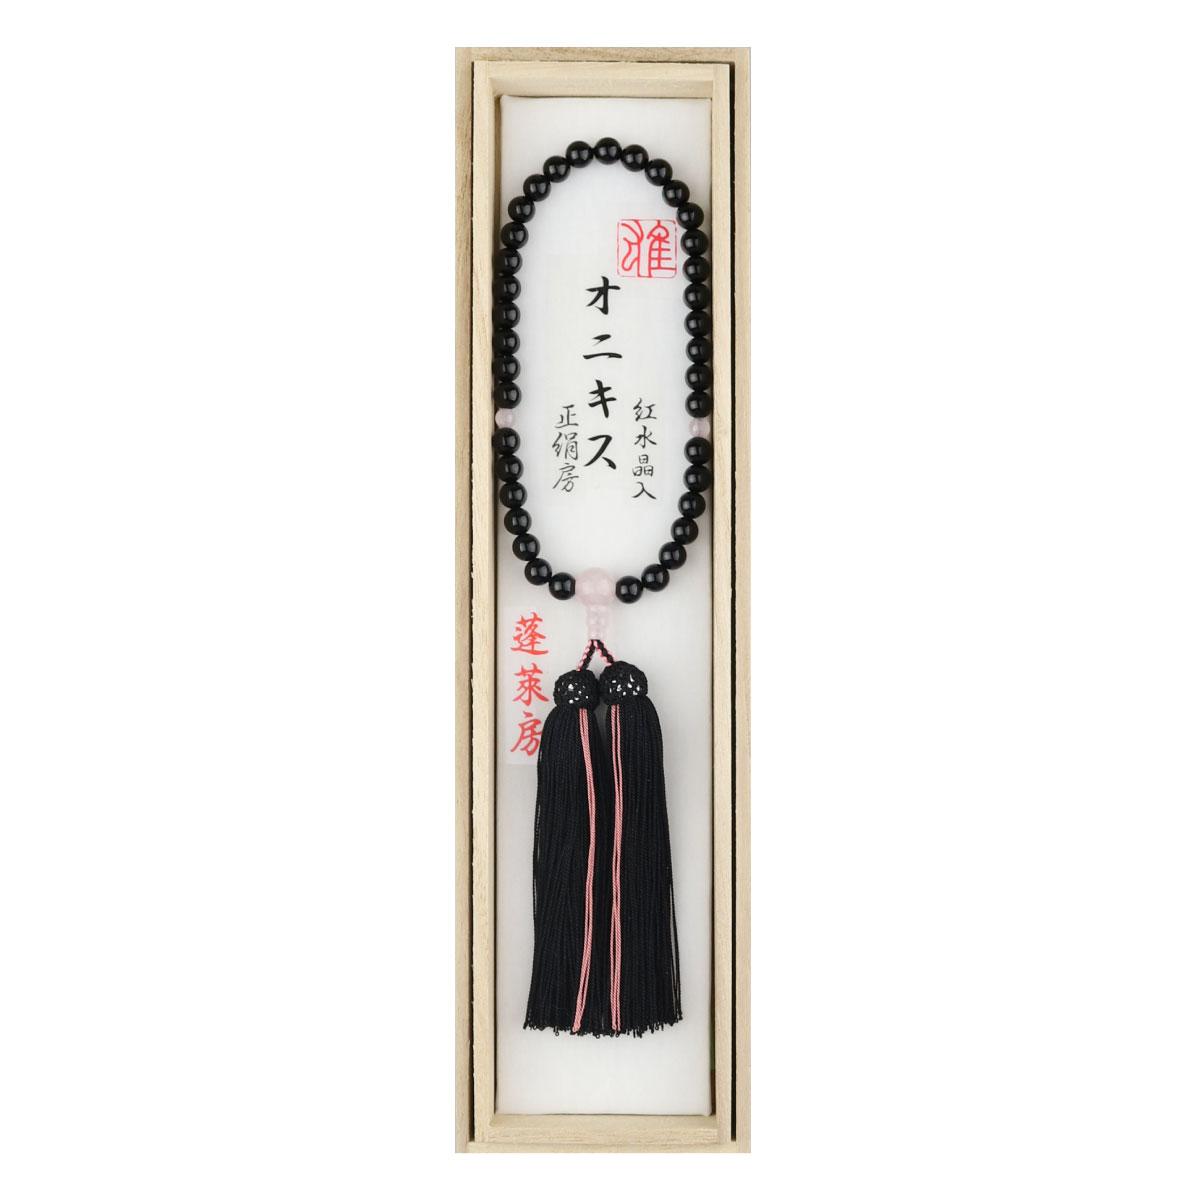 数珠 オニキス7mm(紅水晶仕立) 黒・ピンクライン